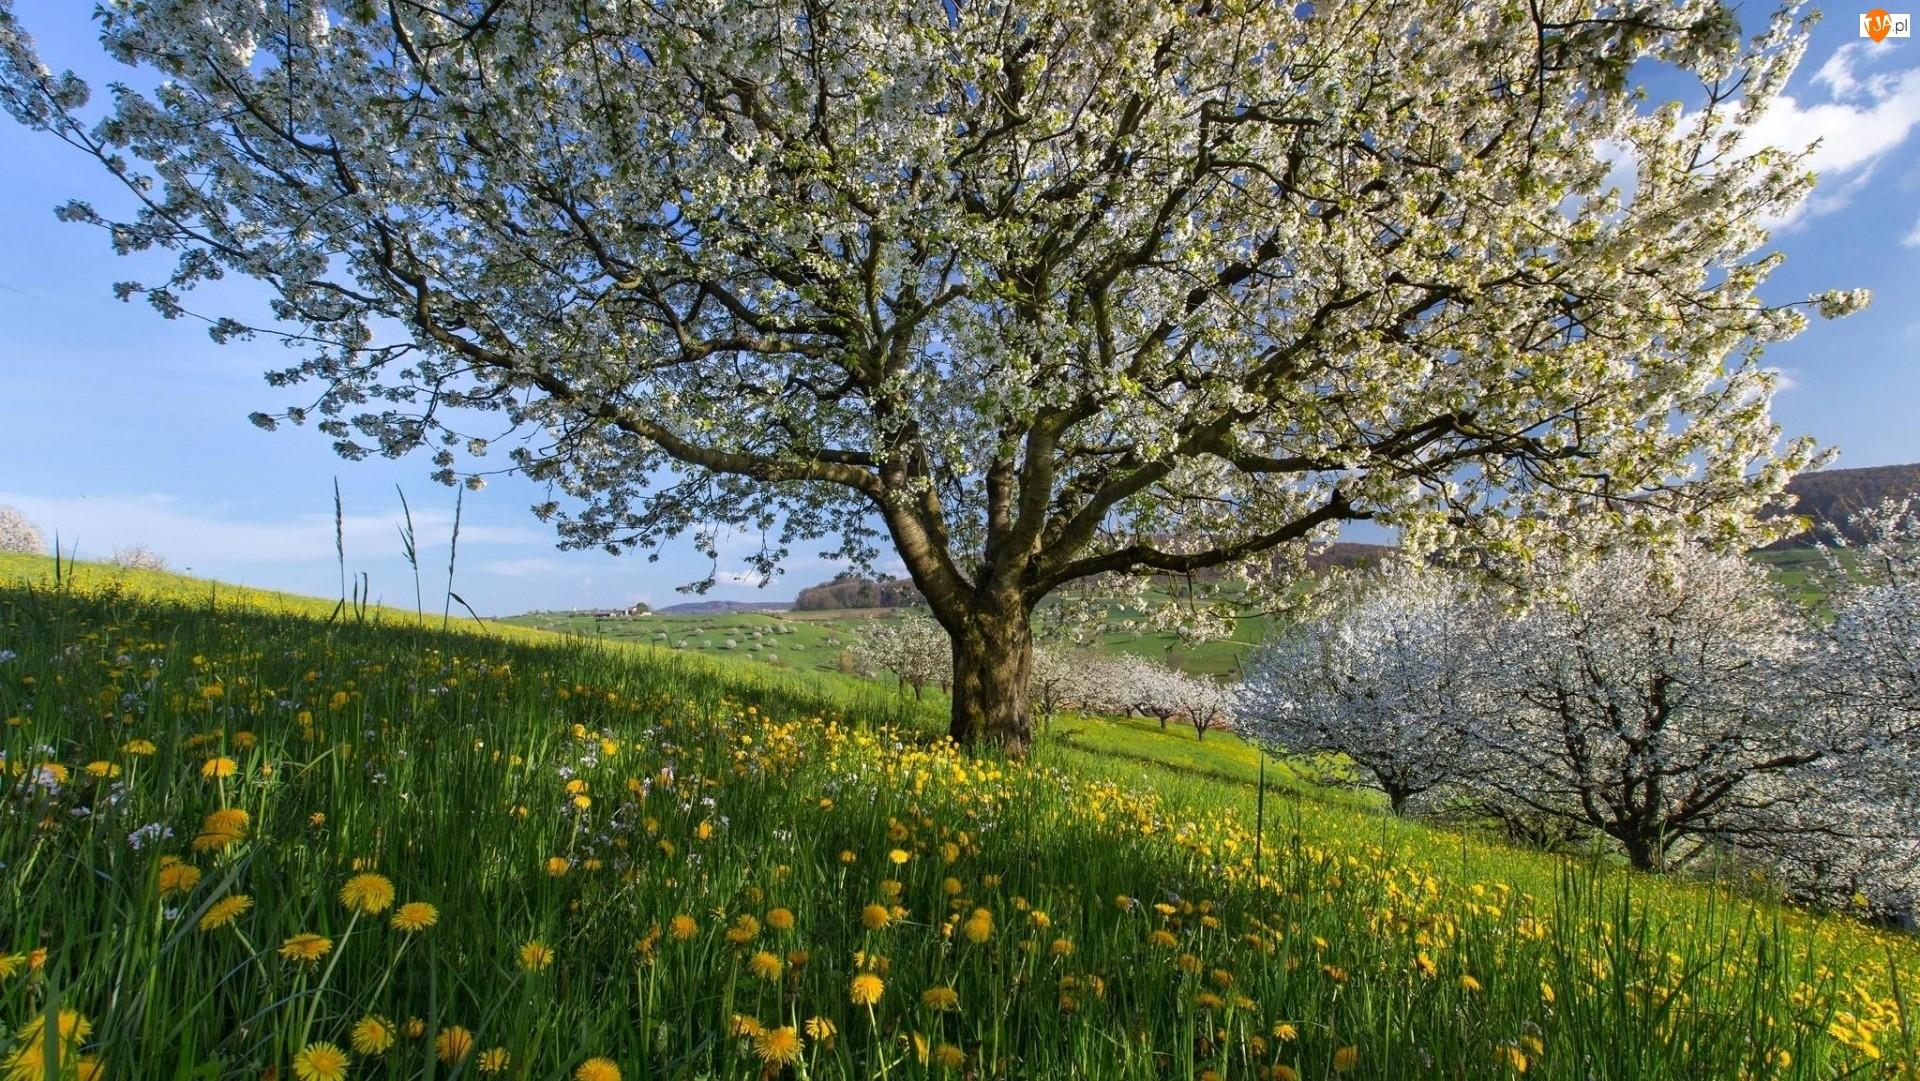 Drzewa, Łąka, Mniszek, Kwiaty, Okwiecone